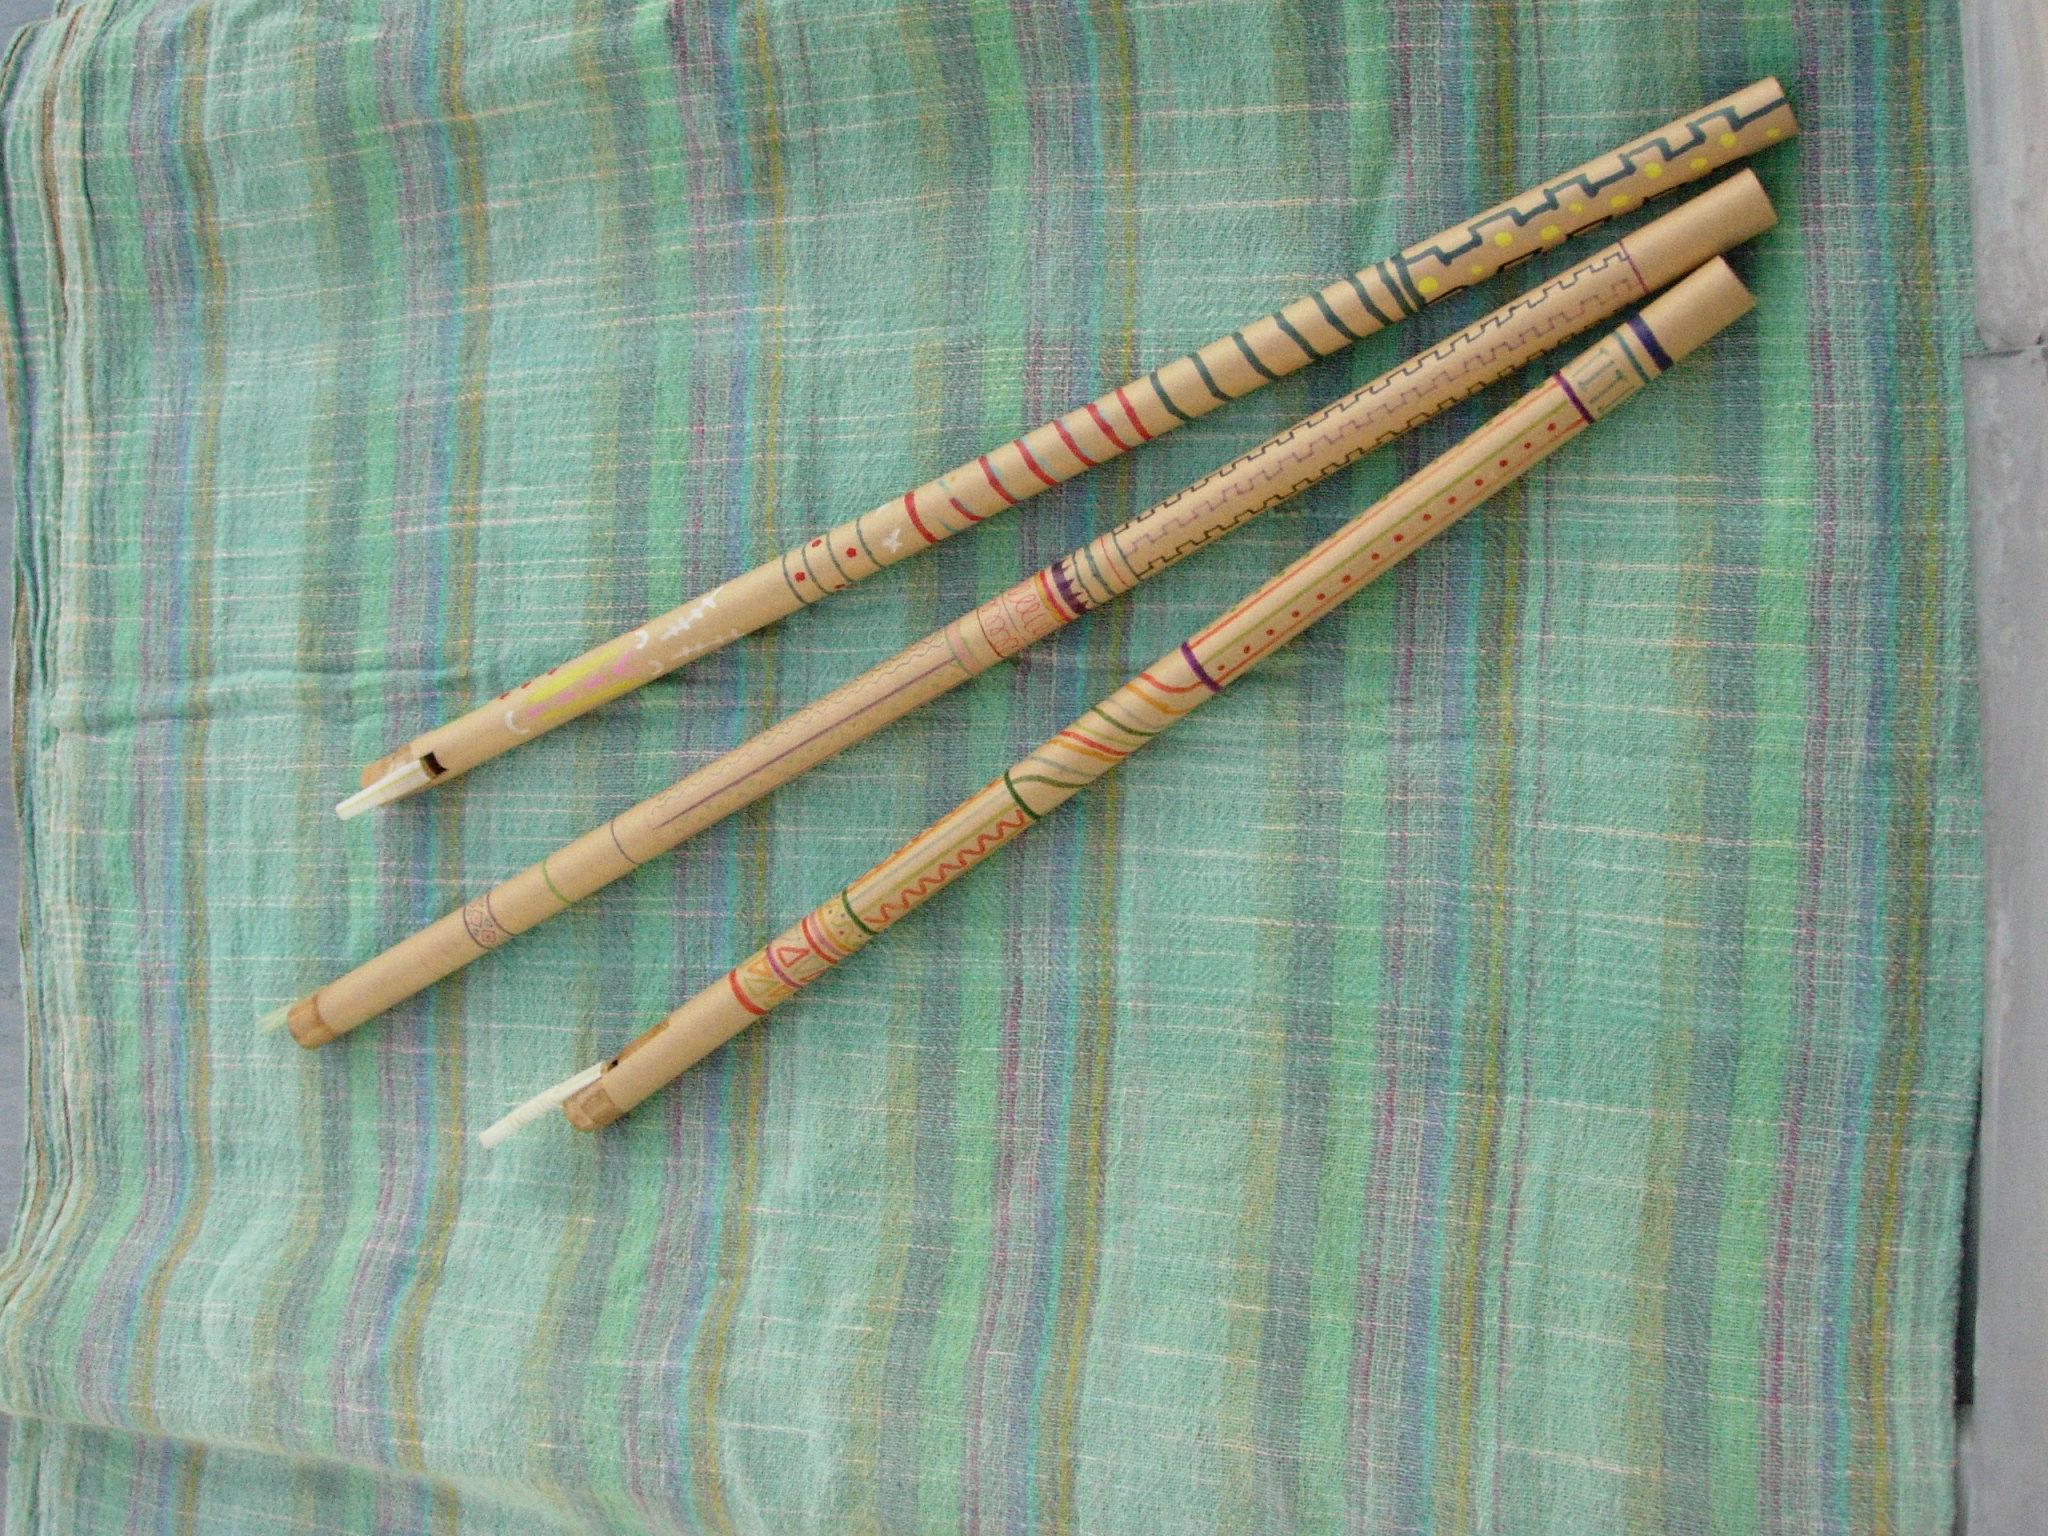 【出店者紹介】物!手作りの会 :作った物を自身で使うをテーマに、道具、日用品、楽器など作り、自作の手作り楽器による演奏活動も行っています。ステージでは竹笛の演奏を行います。ワークショップでは、スロバキアのコンチョーブカという笛を紙管を使って作ります。コンチョーブカは羊飼いの笛と呼ばれ、本物はスイカズラの木で作られるそうです。音程を変える穴などはなく、吹く強さによって音が変えられる不思議な笛です。材料費:500円